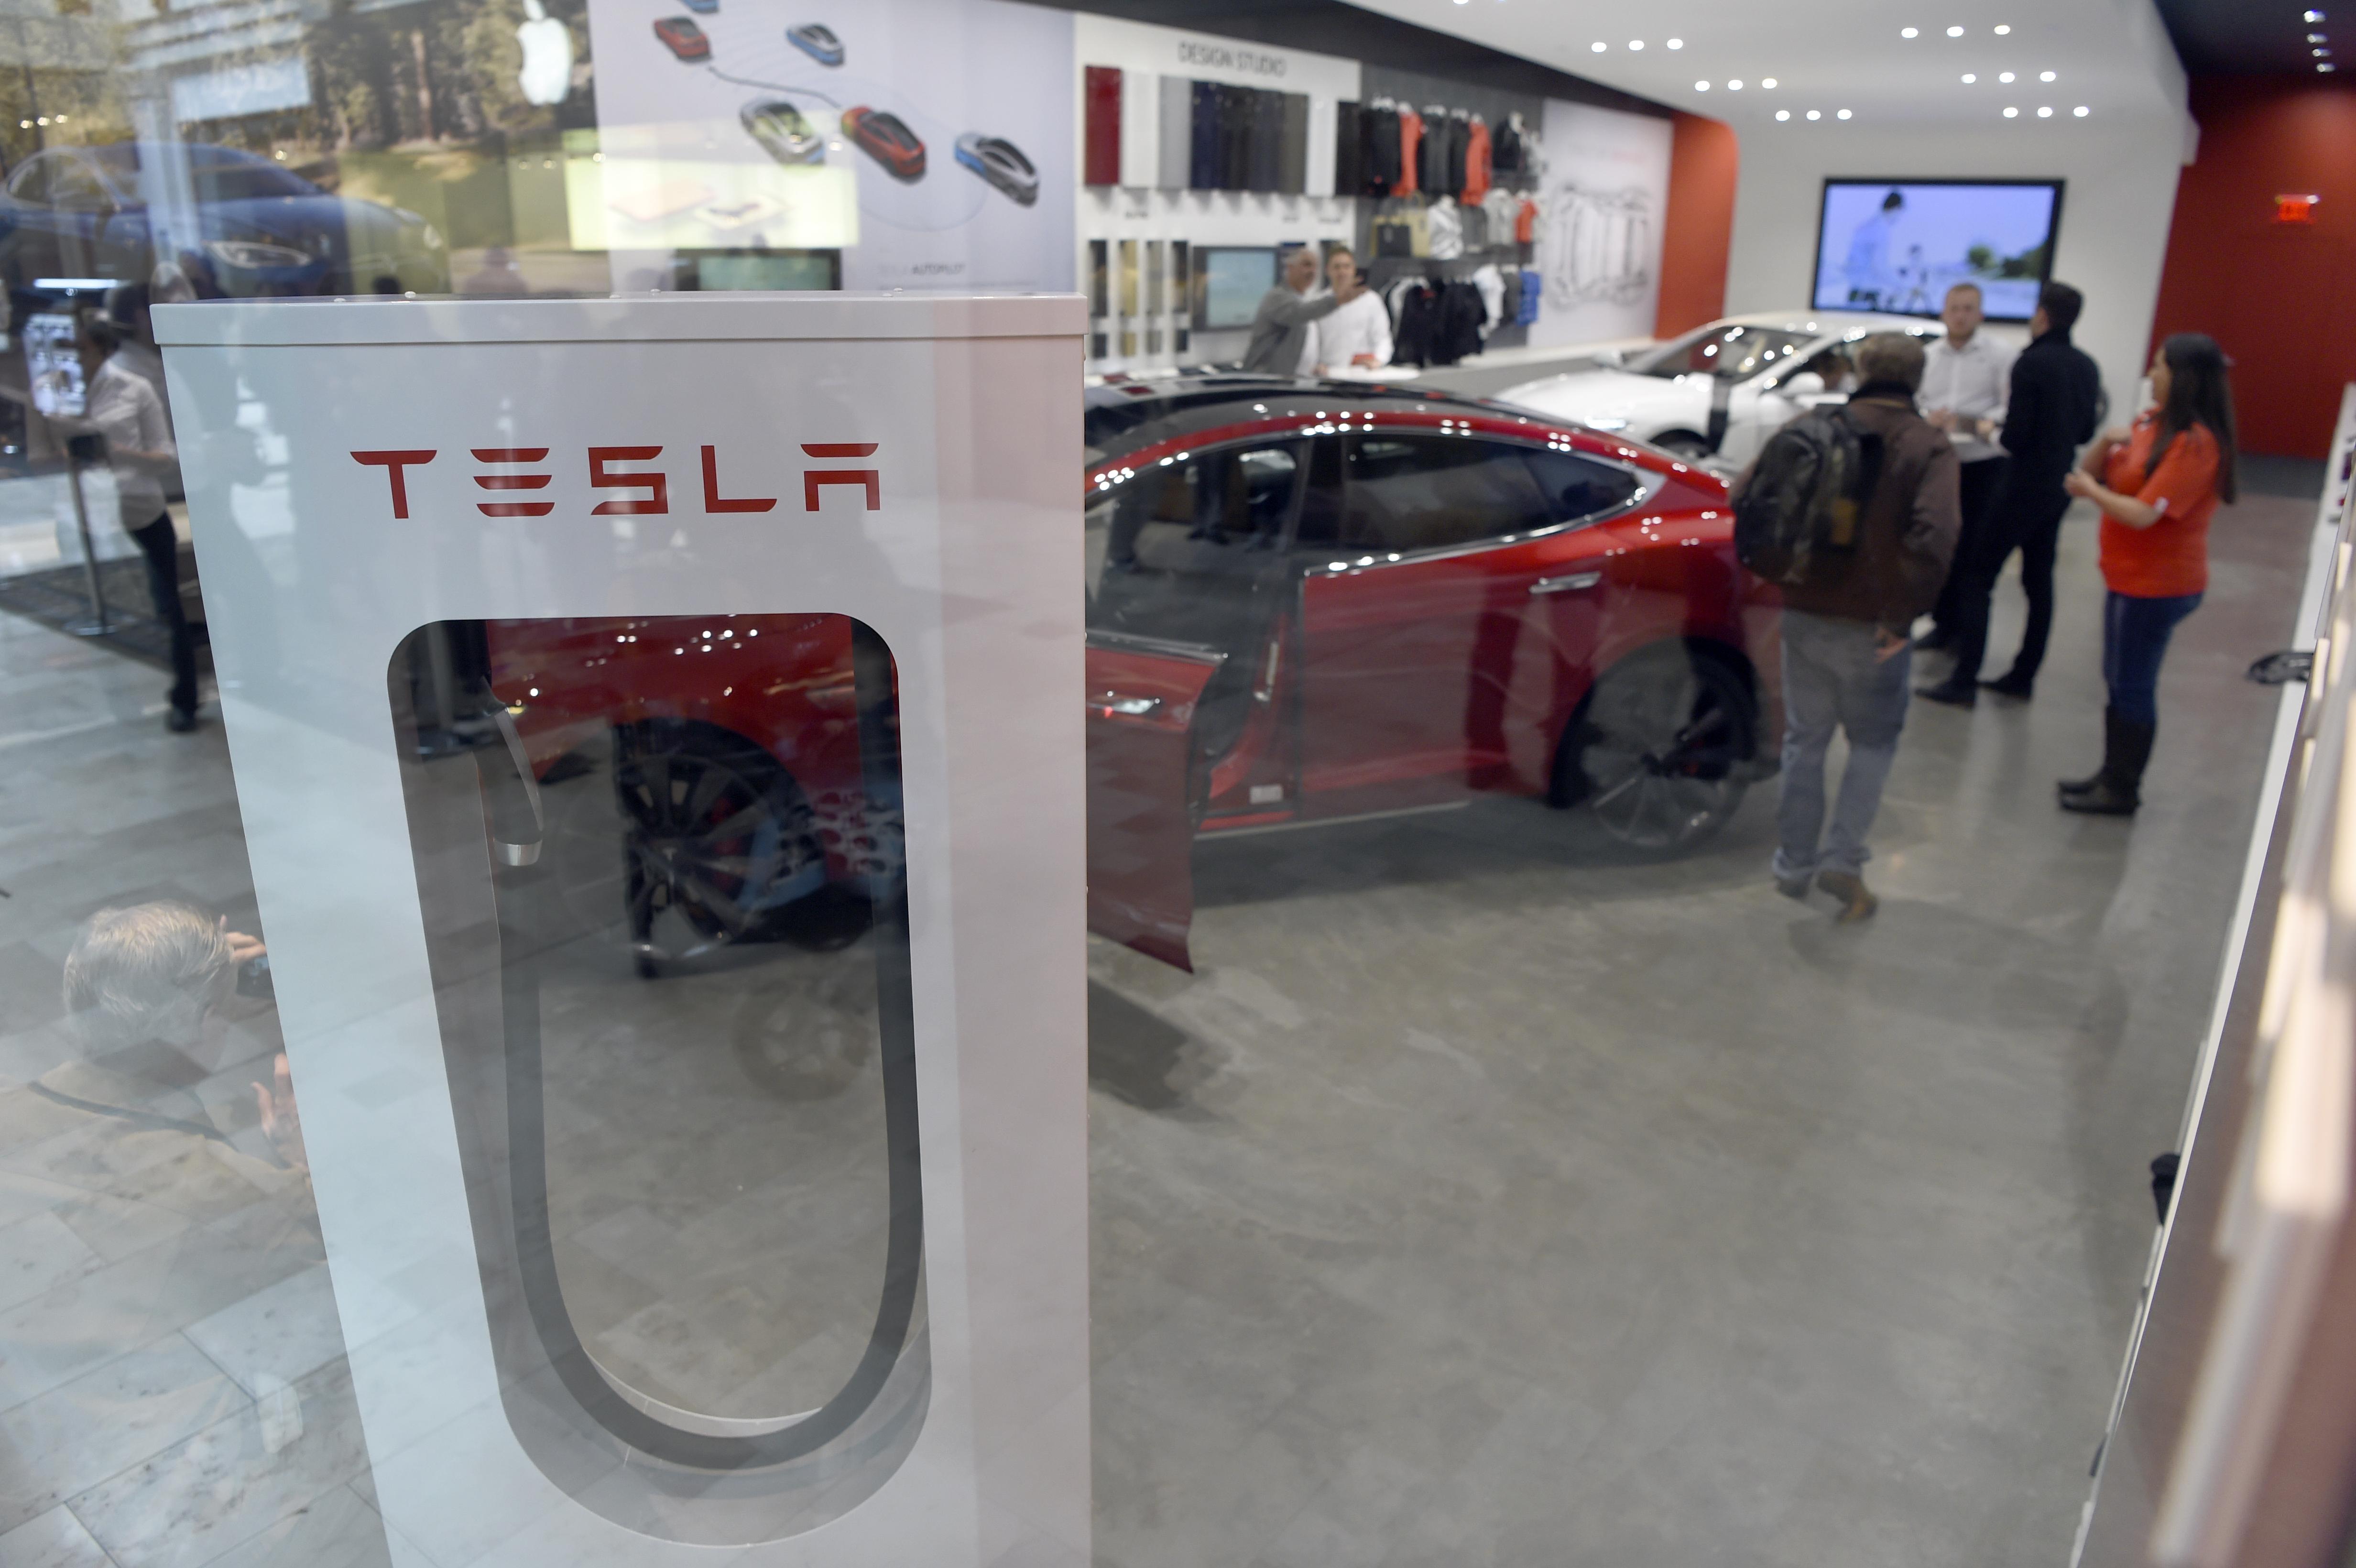 A Tesla show room.